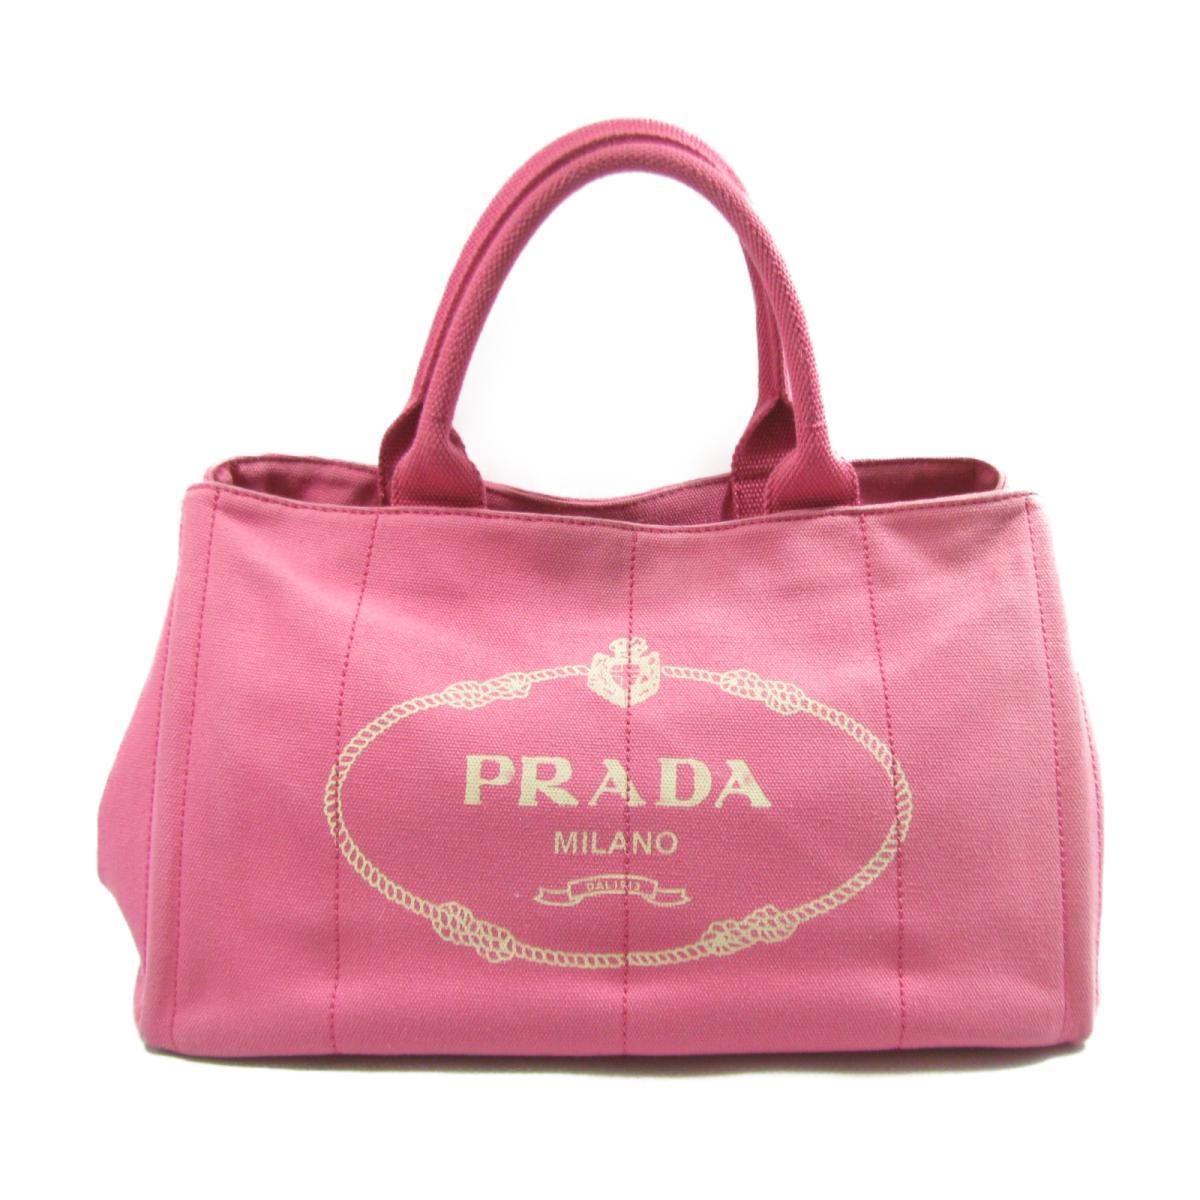 【中古】 プラダ カナパトートバッグ ハンドバッグ レディース キャンバス ピンク (BN0877) | PRADA トートバッグ ハンドバック バッグ バック BAG カバン 鞄 ブランドバッグ ブランドバック ブランドオフ